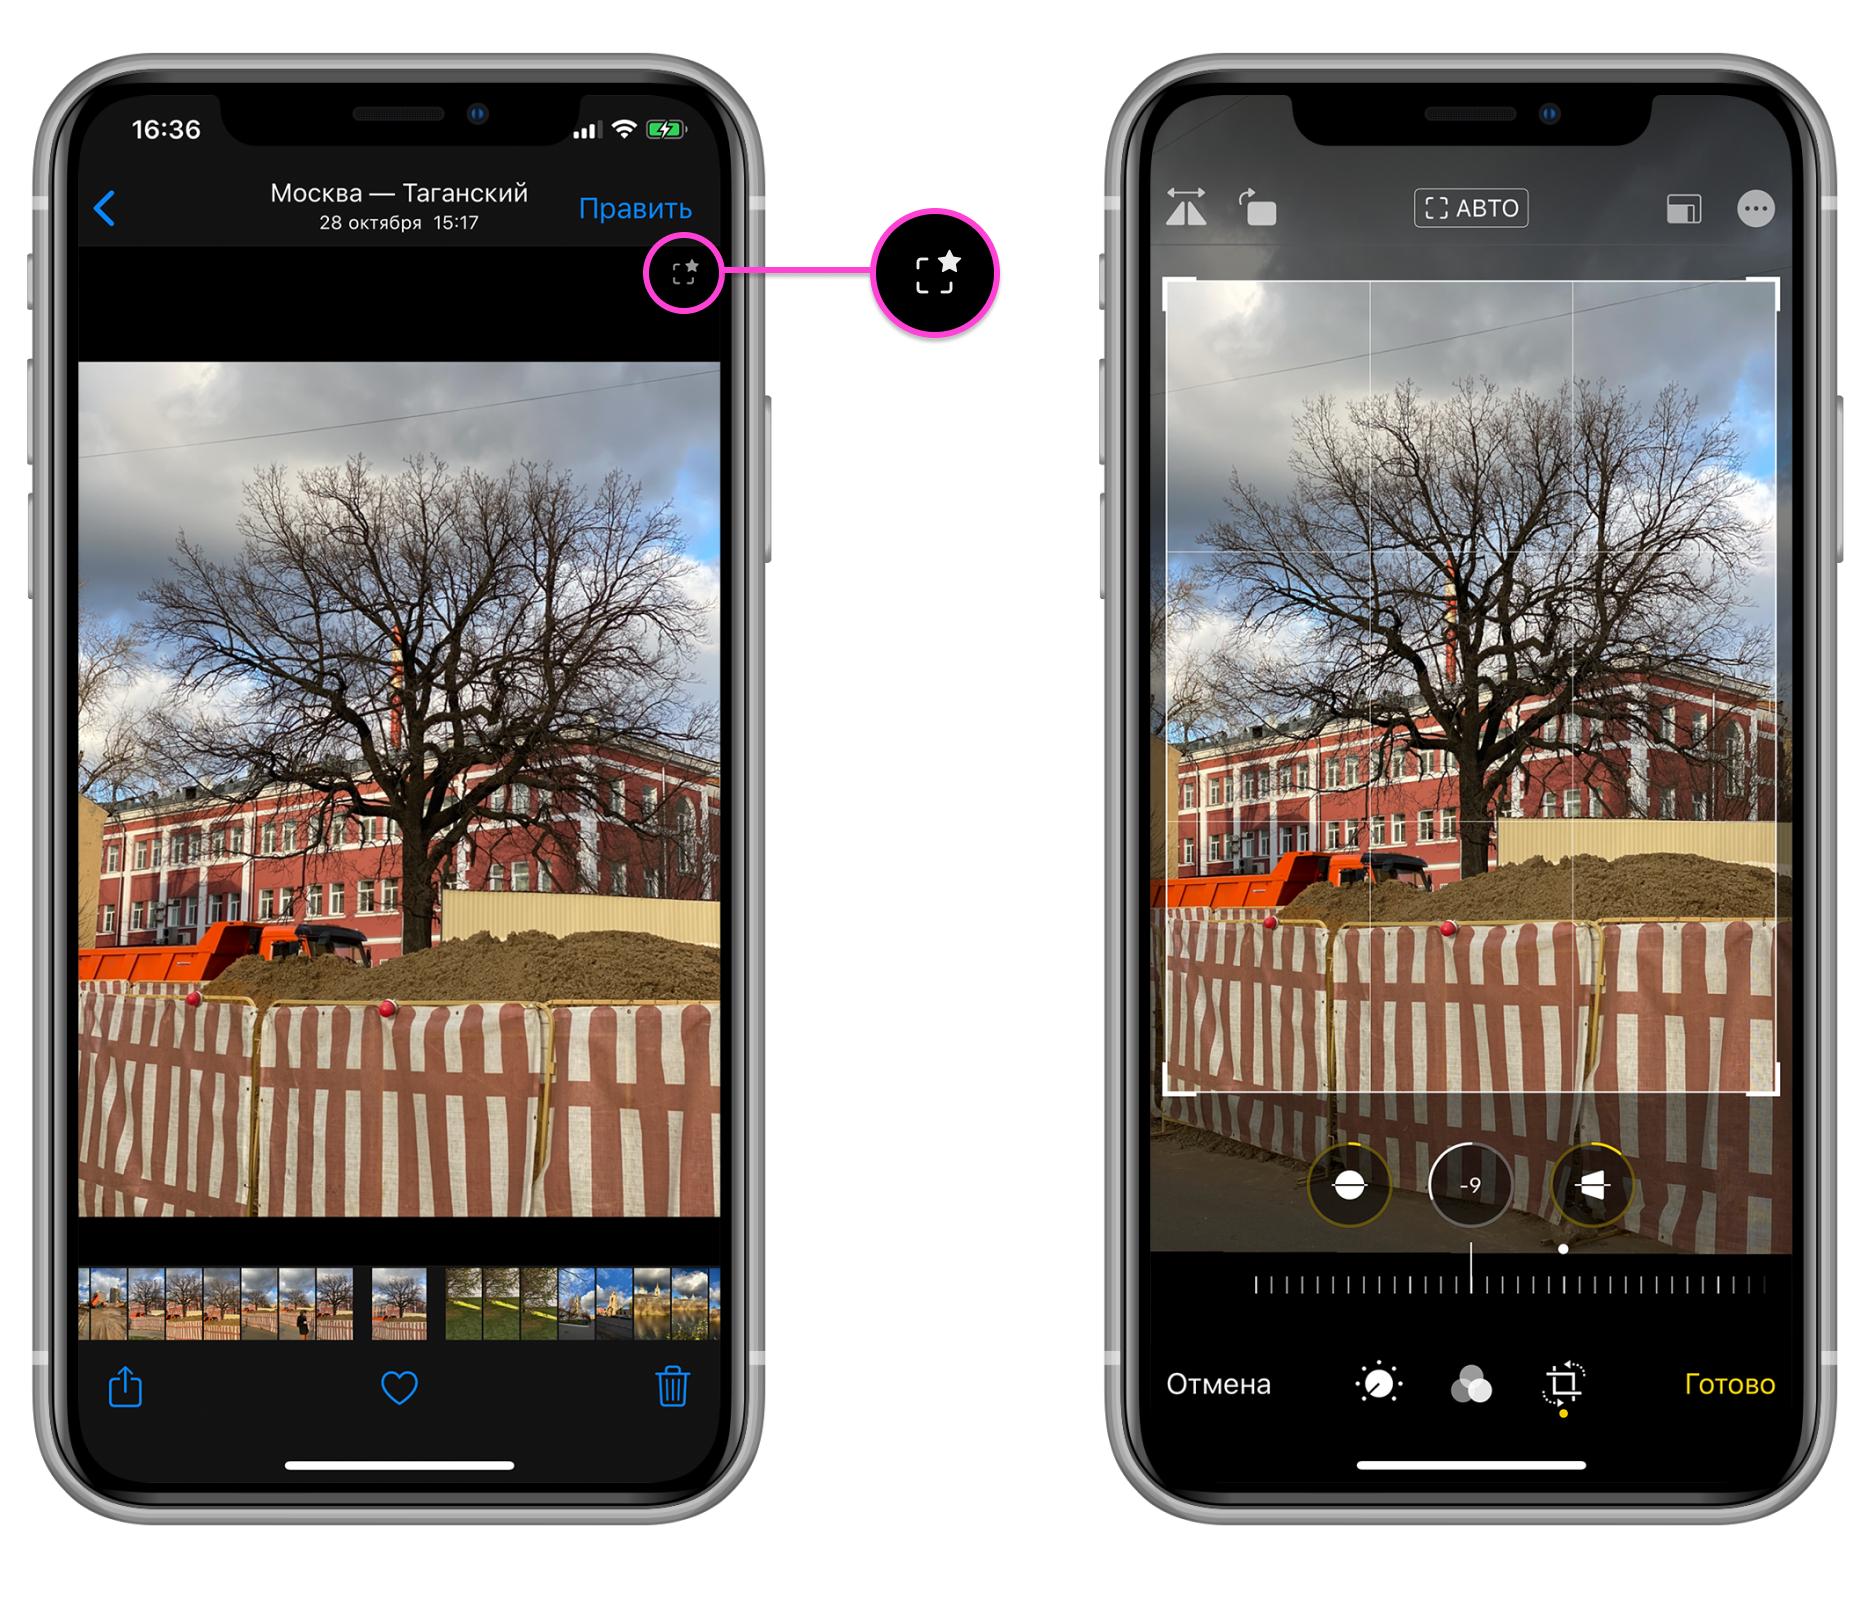 Как посмотреть скрытые фото на айфоне надежно